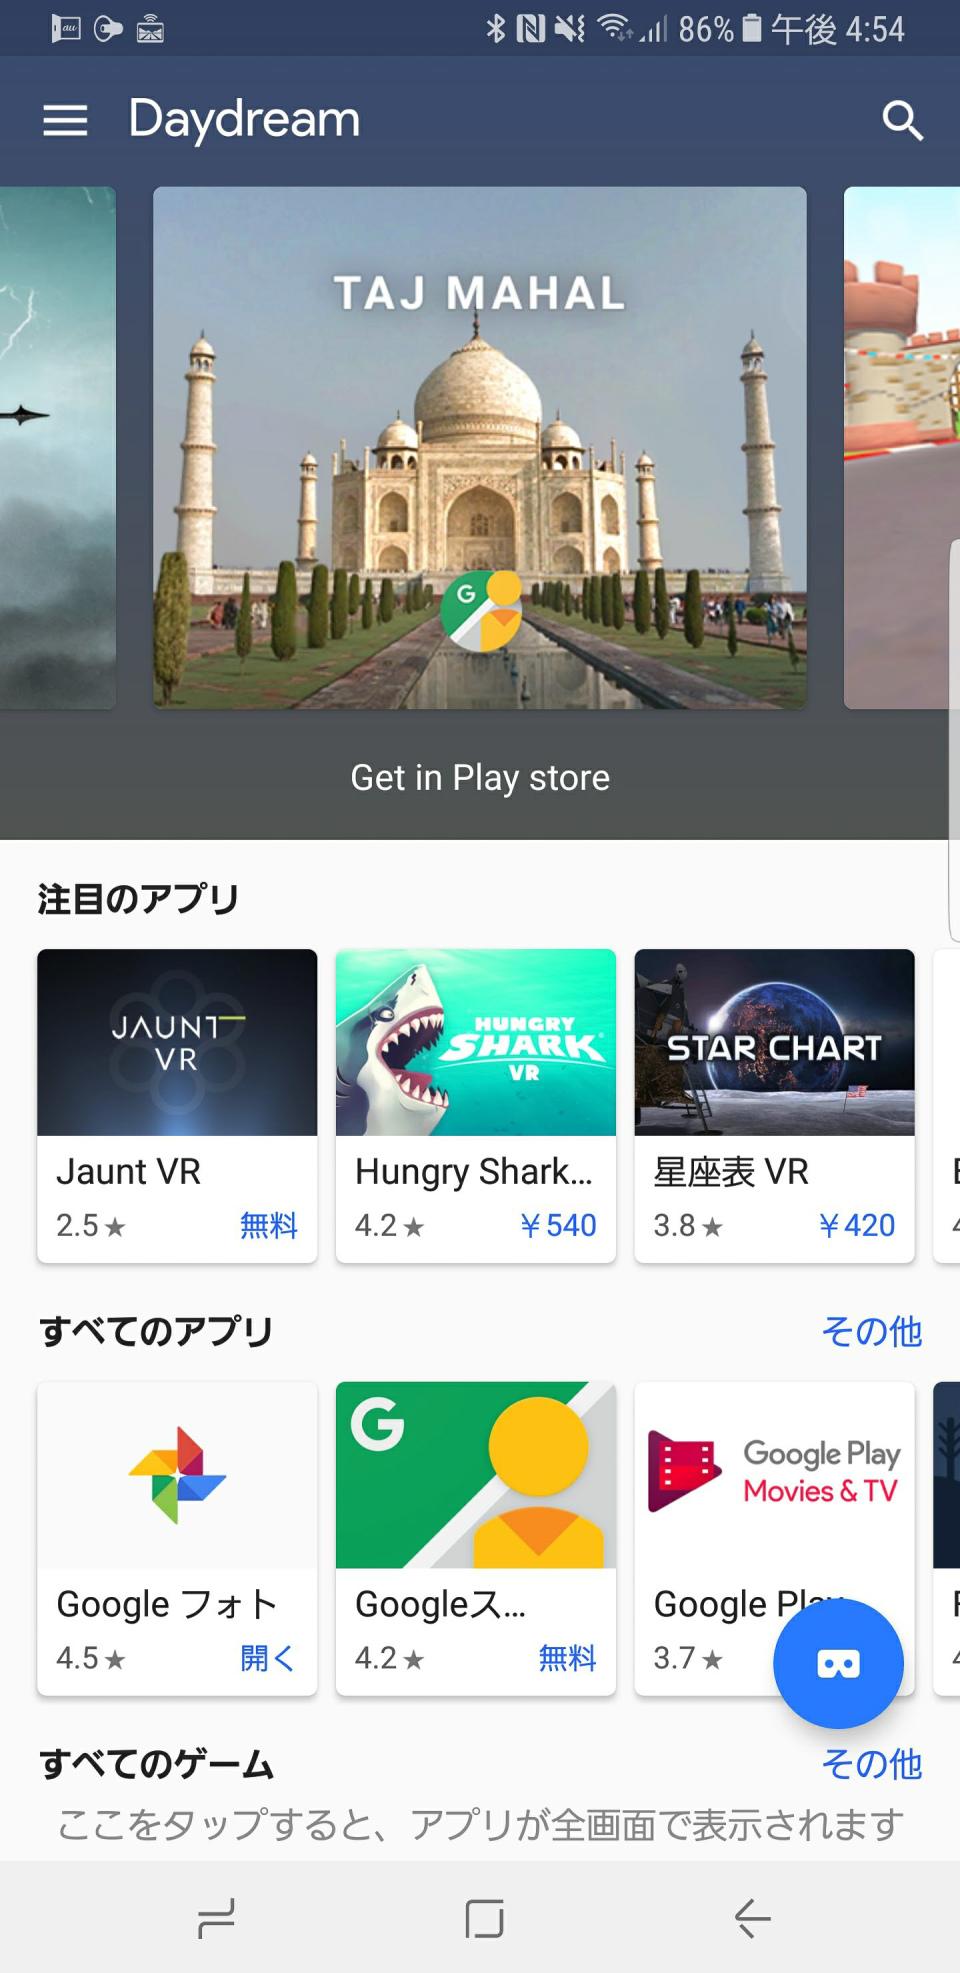 西田宗千佳のトレンドノート:スマホVRを「本物」に引き上げるGoogleの「Daydream」 7番目の画像